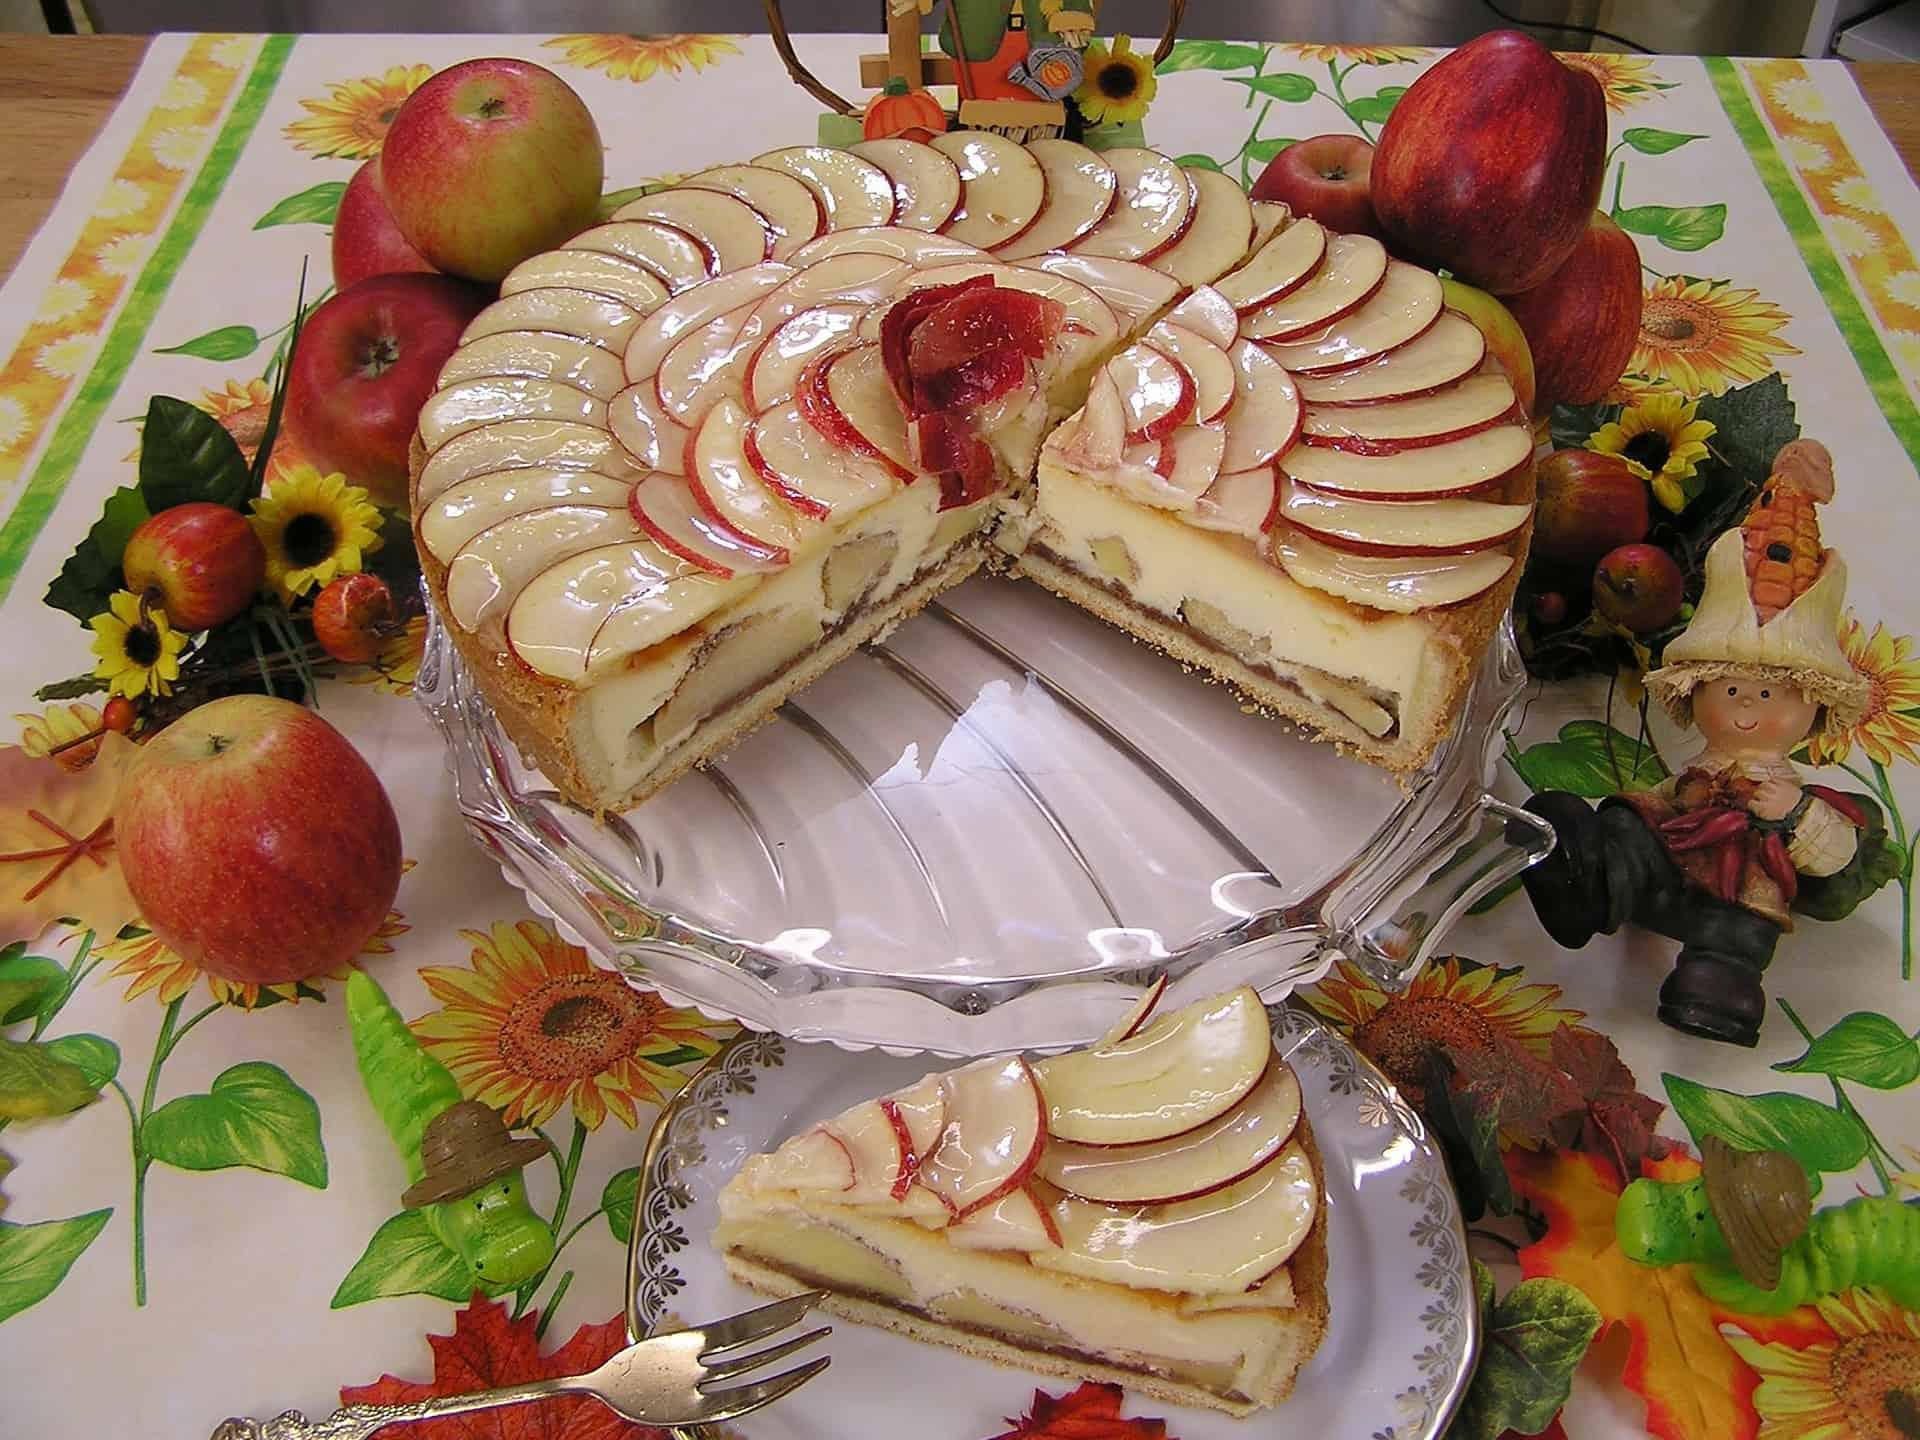 Come fare in casa la gelatina per torte con la ricetta di Benedetta Rossi